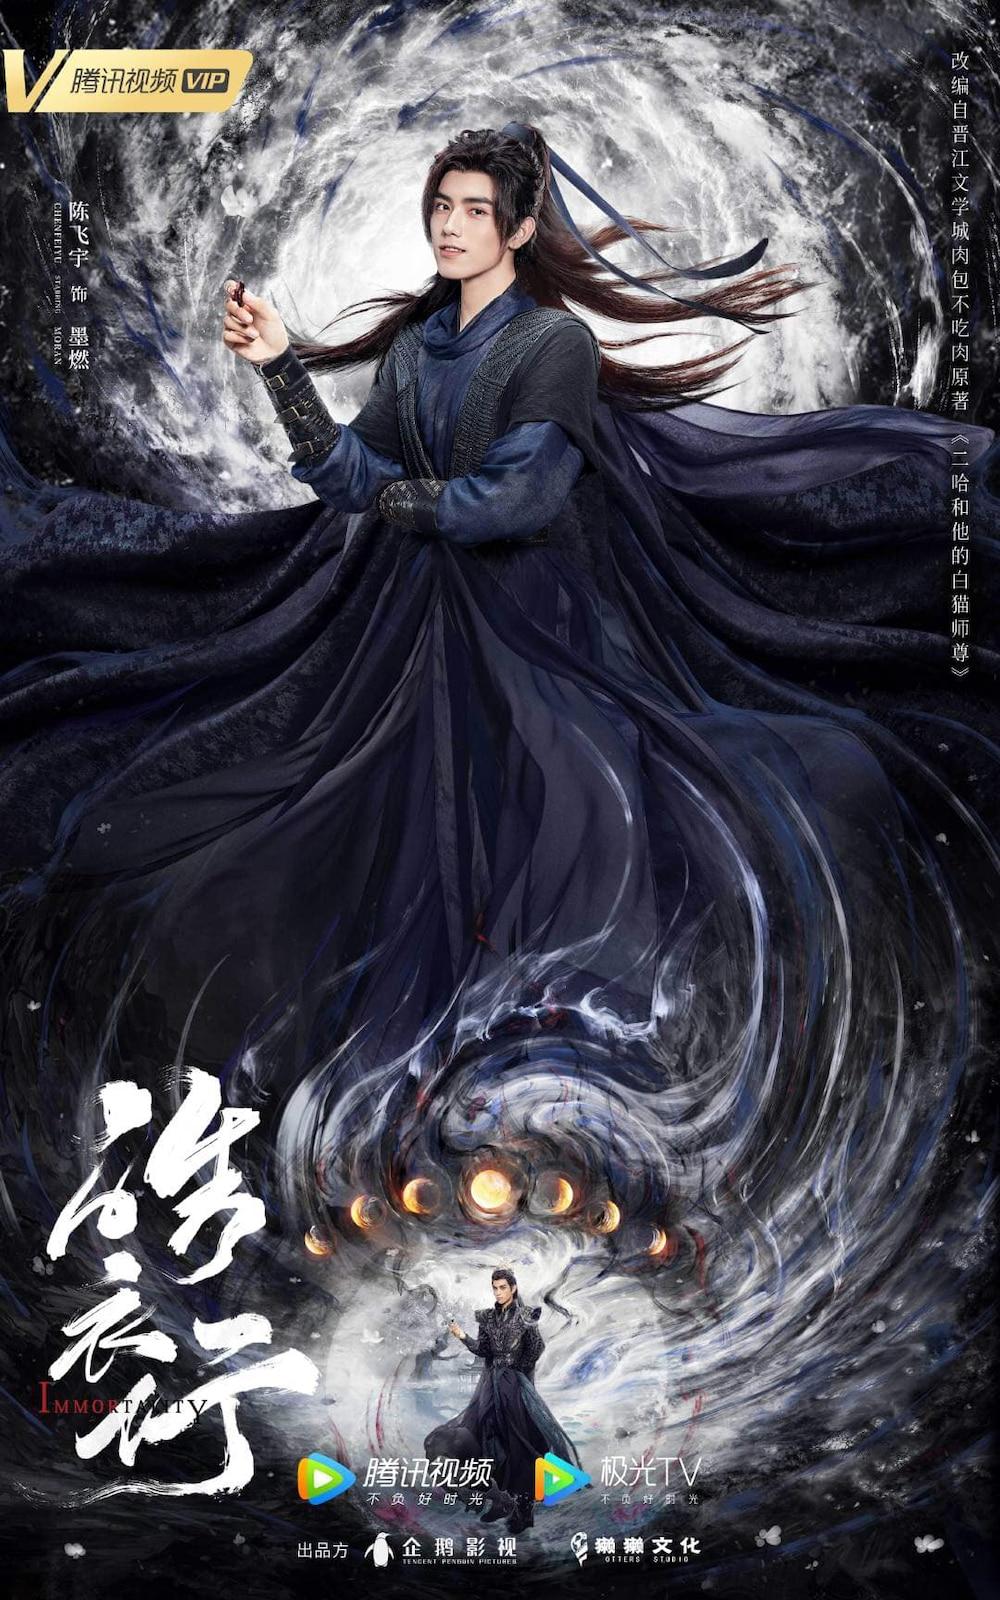 Dân mạng phát sốt với hình ảnh thân mật của La Vân Hi - Trần Phi Vũ trong hậu trường 'Hạo y hành' 4